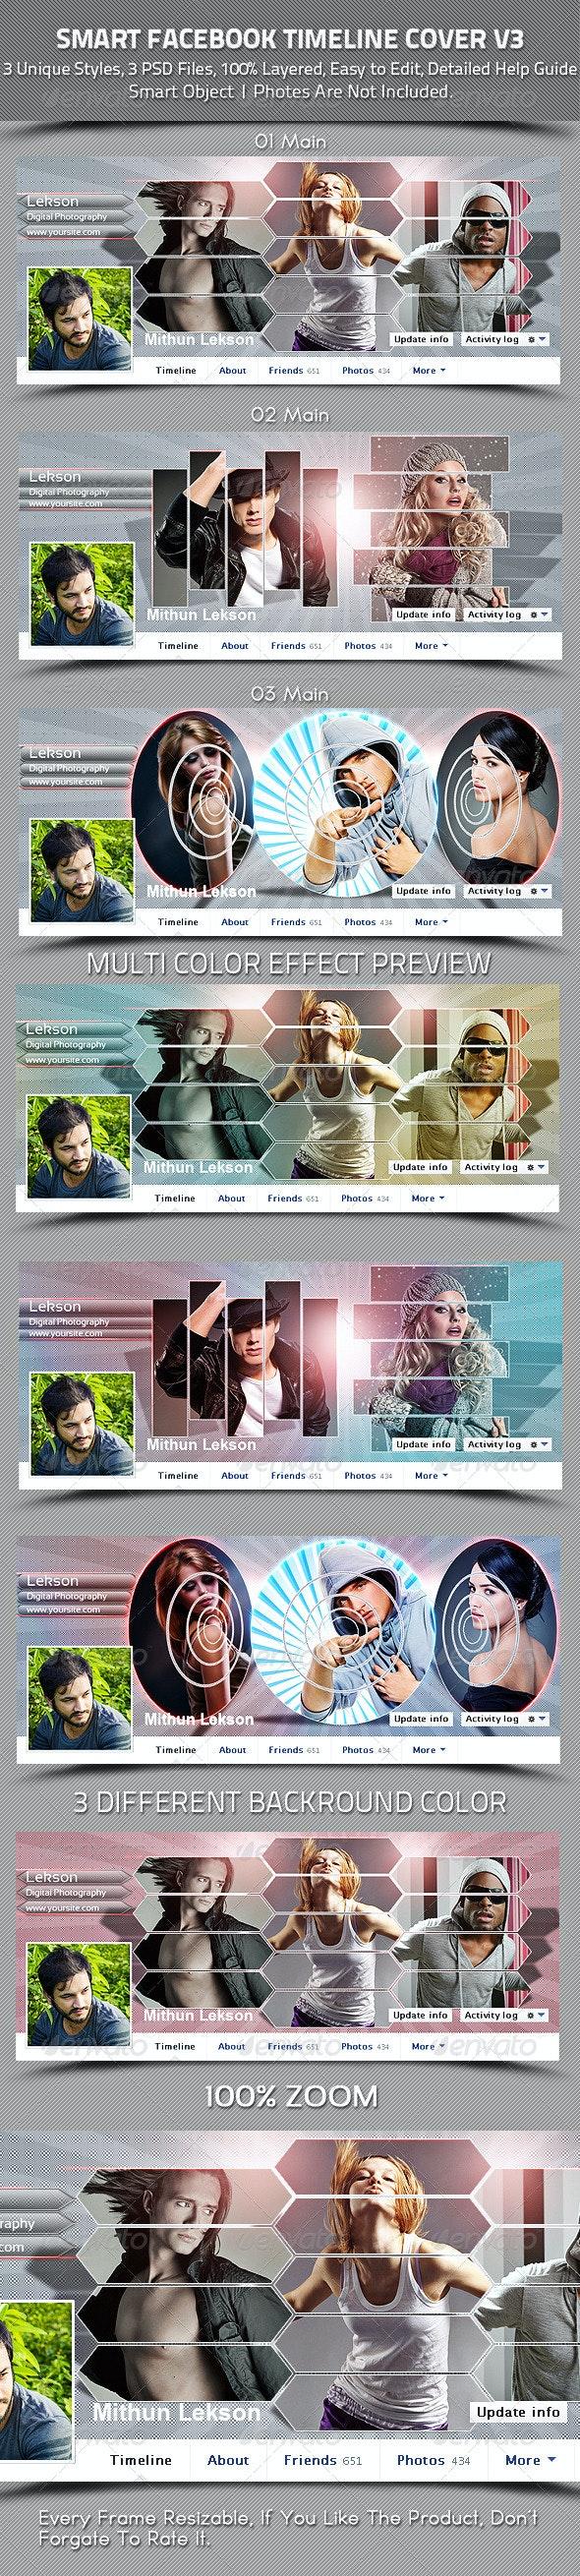 Smart Facebook Timeline Cover V3 - Facebook Timeline Covers Social Media